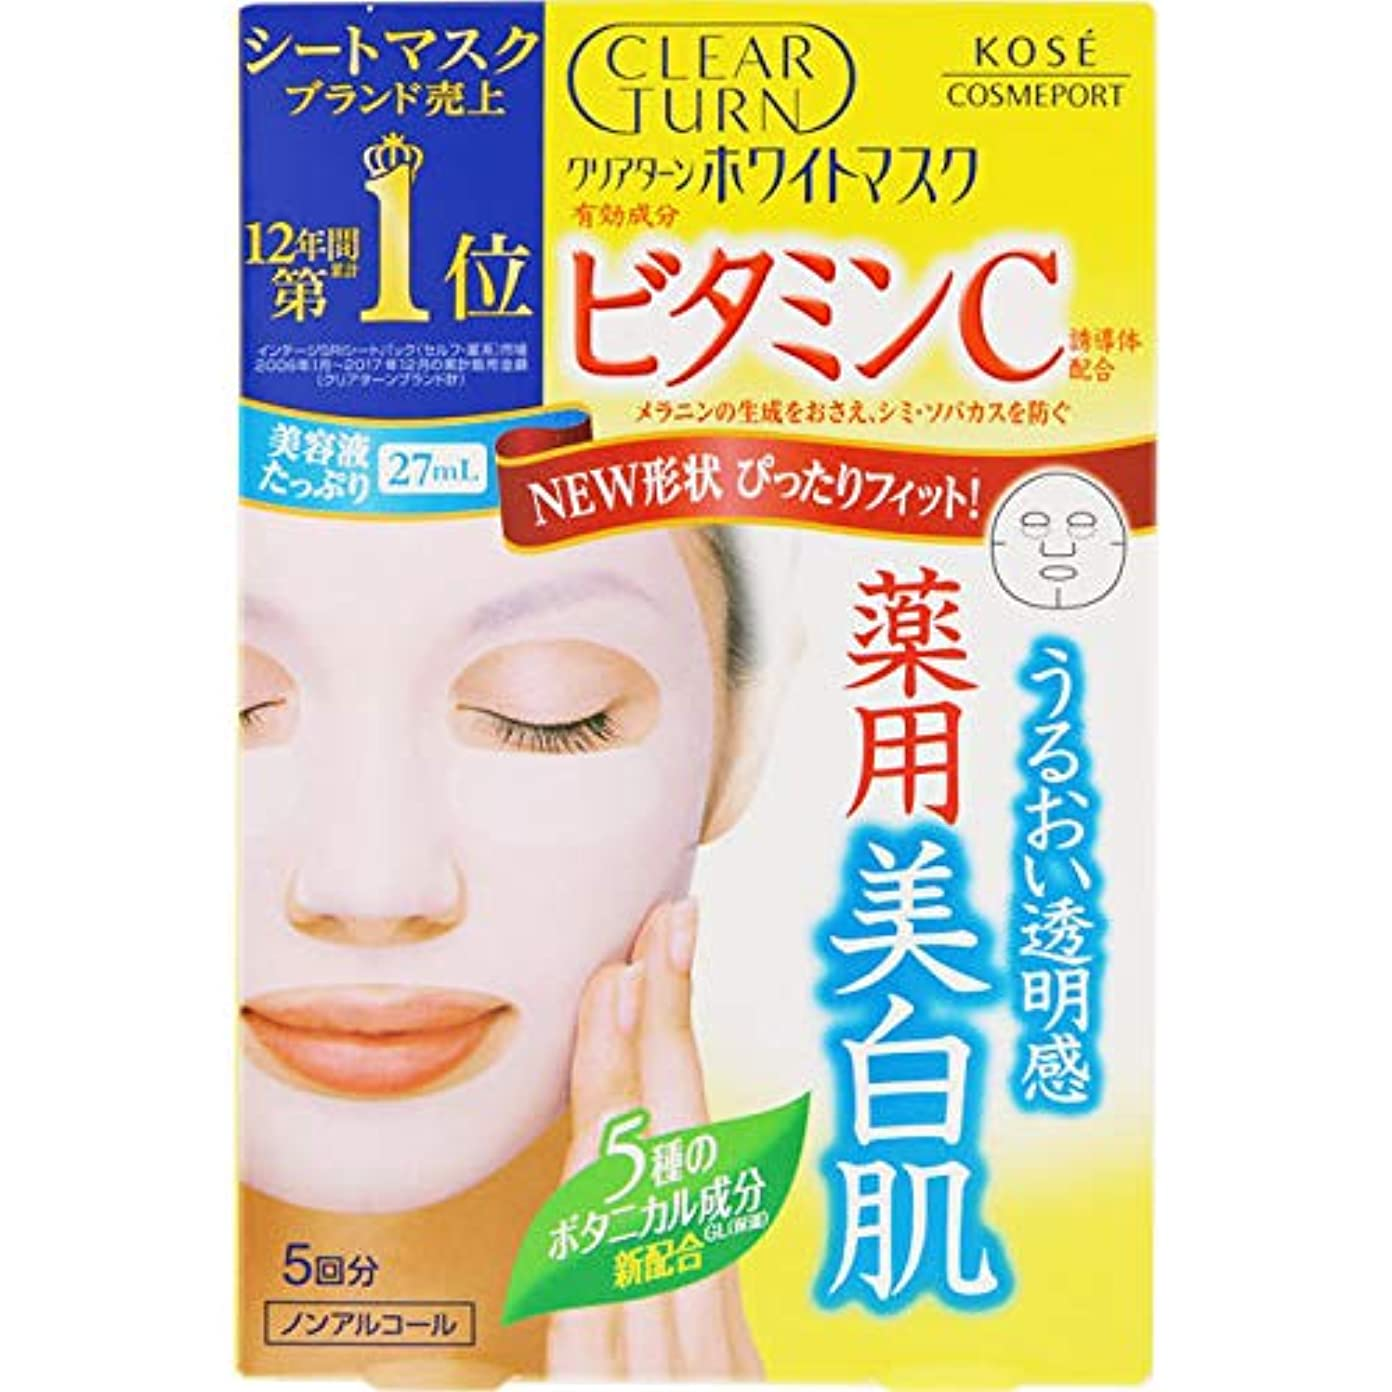 コーセー クリアターン ホワイト マスク (ビタミンC) 5回分